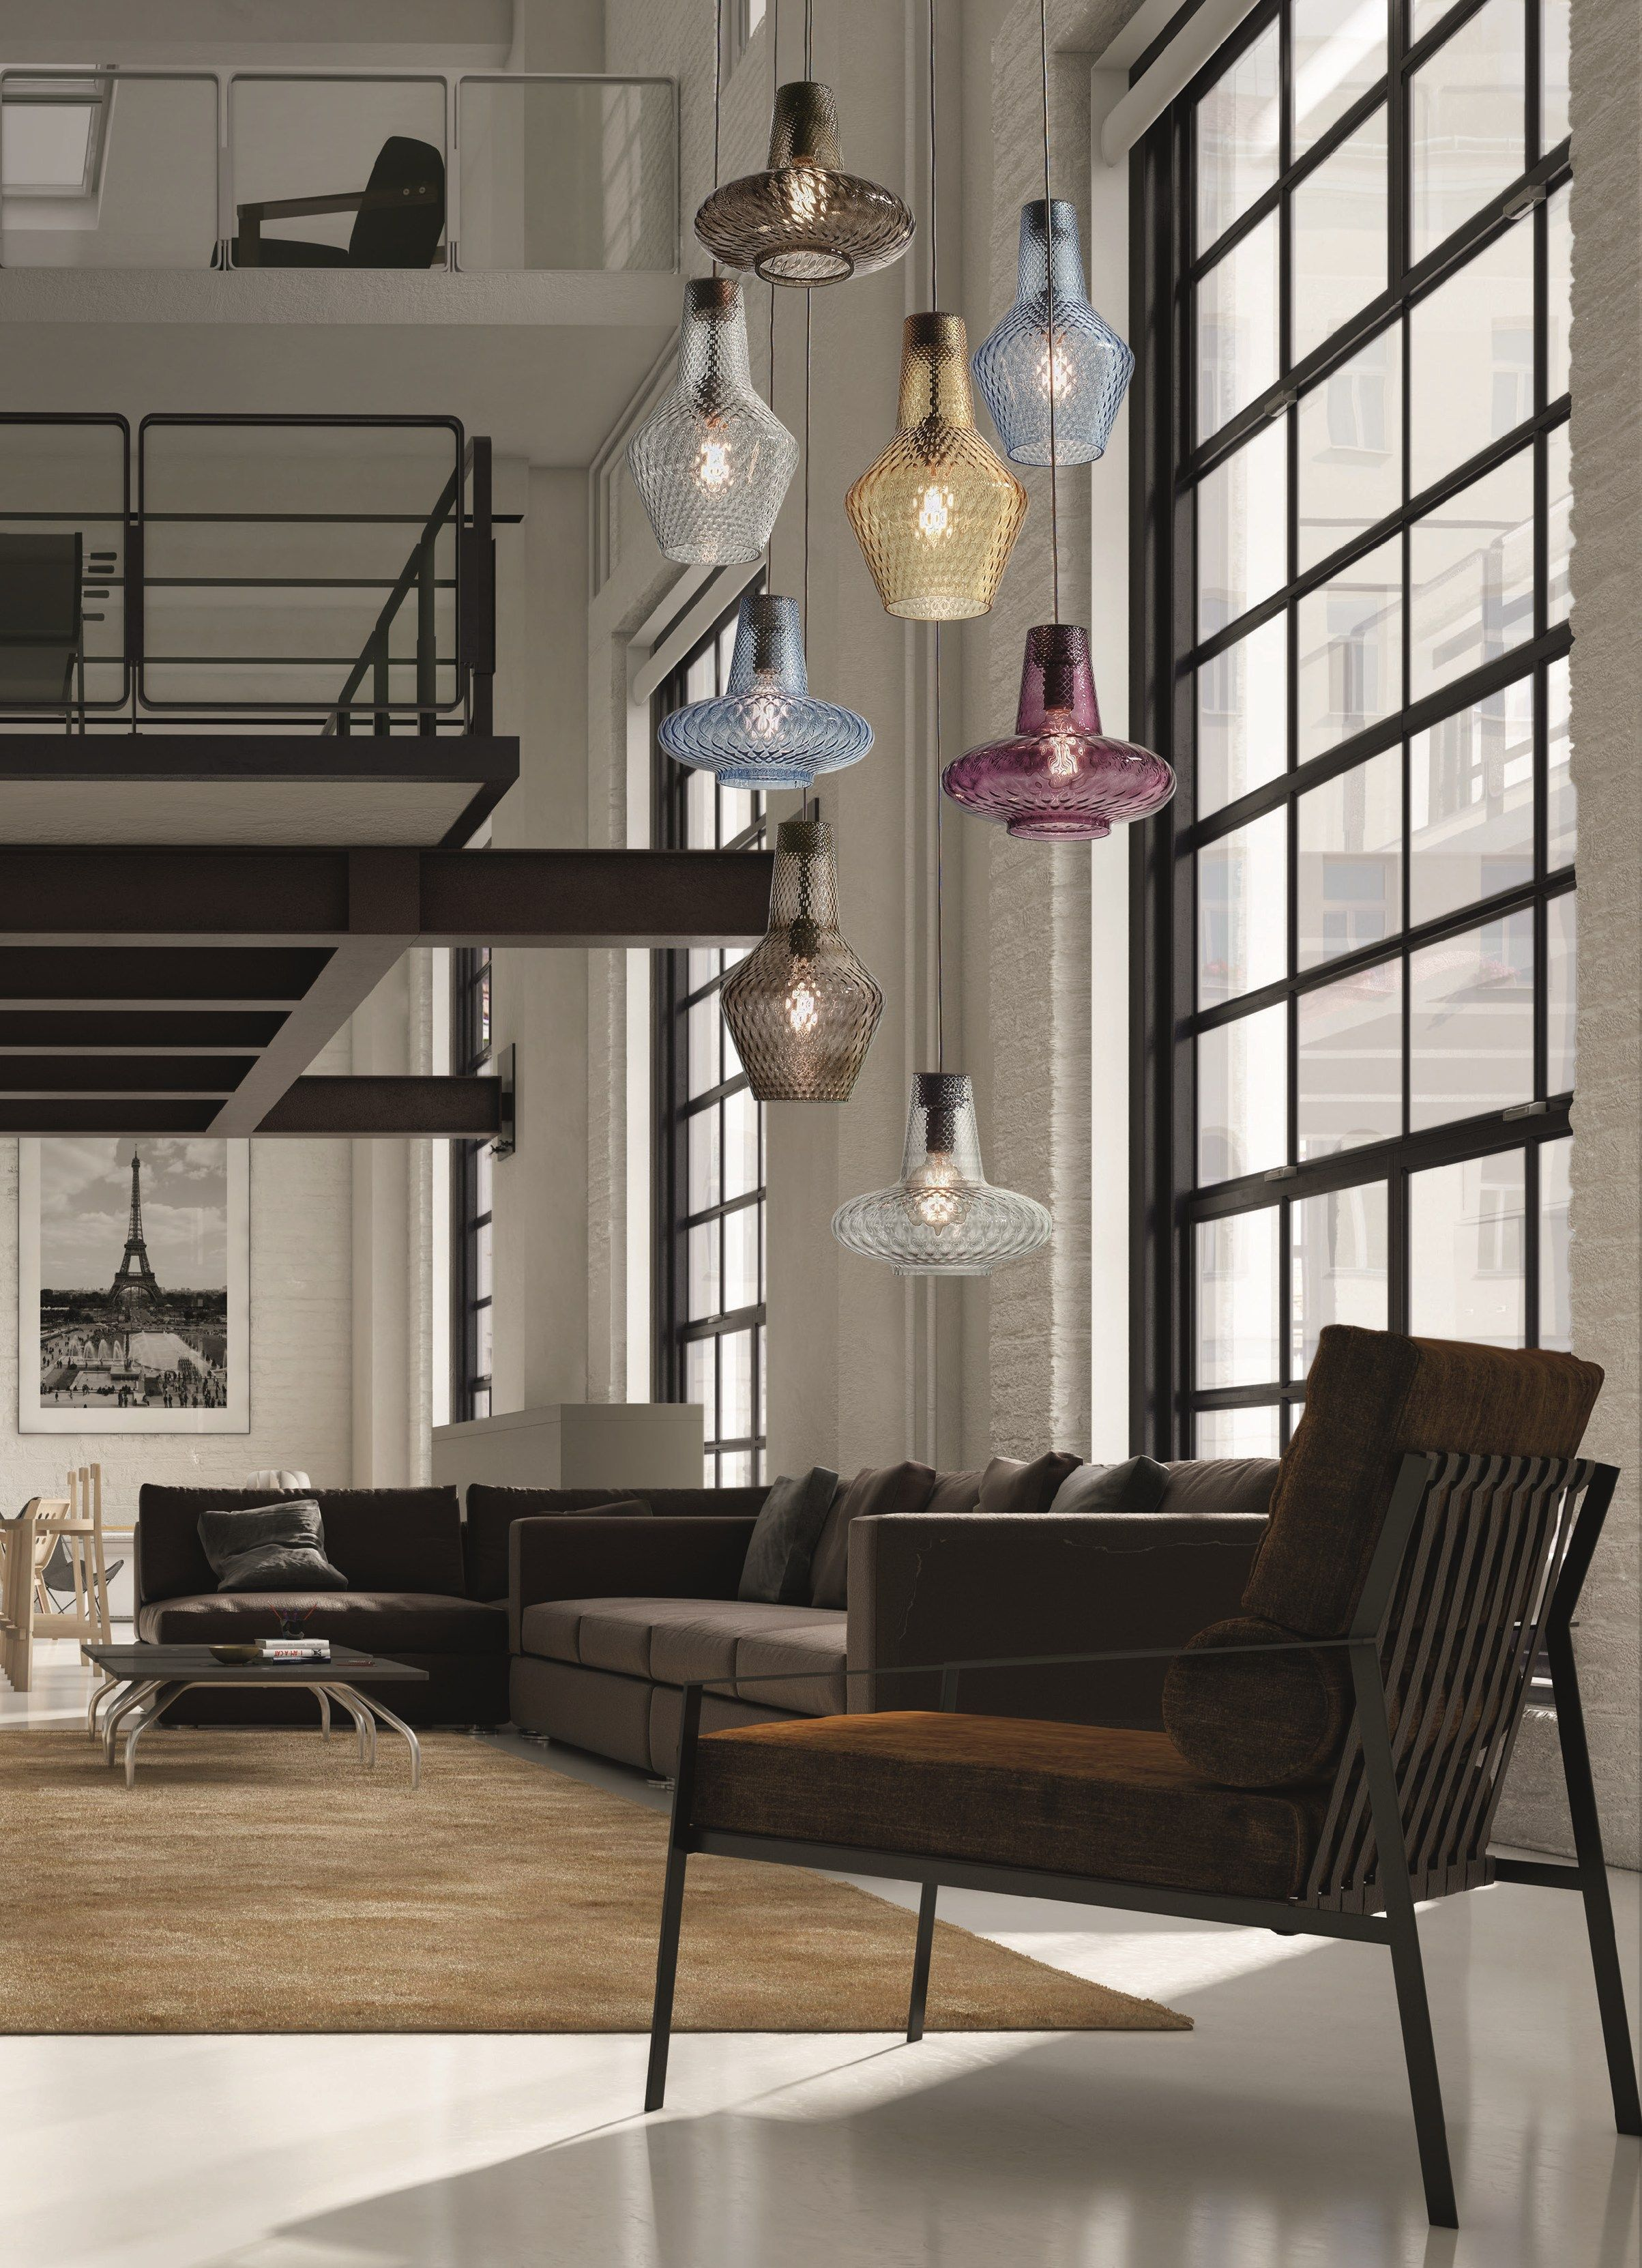 Blown Glass Pendant Lamp Romeo E Giulietta By Federicodemajo Design Federico De Majo Glass Pendant Light Glass Pendant Lamp Blown Glass Chandelier